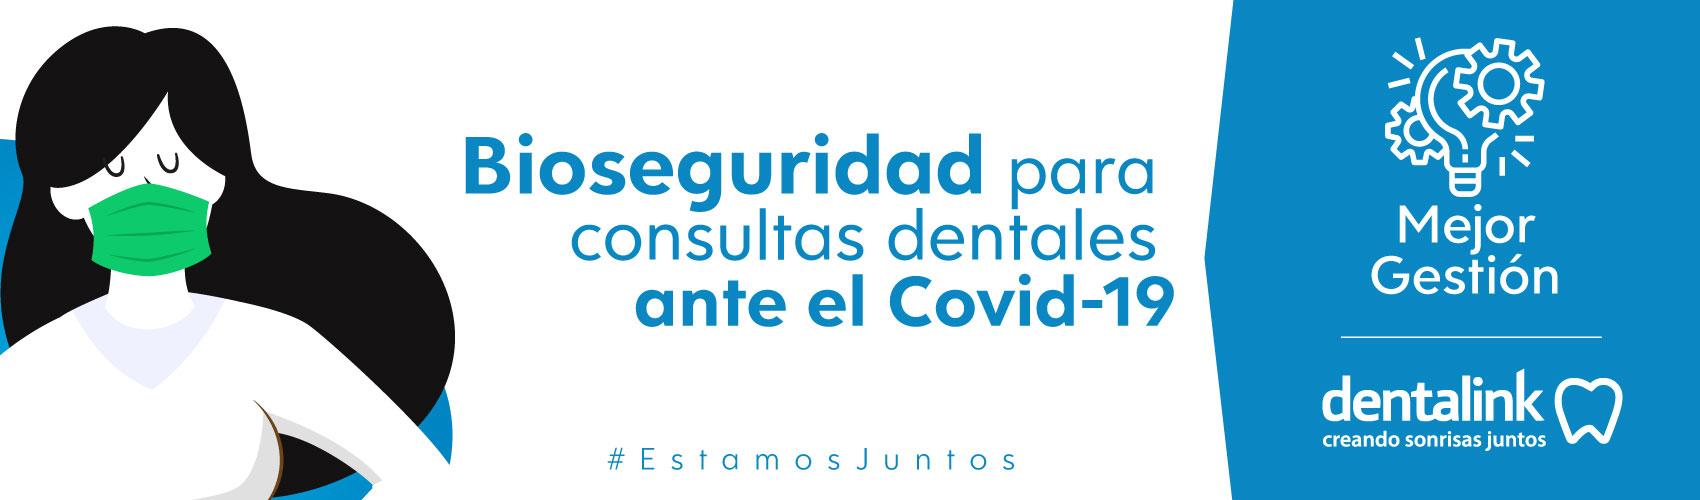 Protocolos de atención y bioseguridad en consultas dentales (Covid-19)